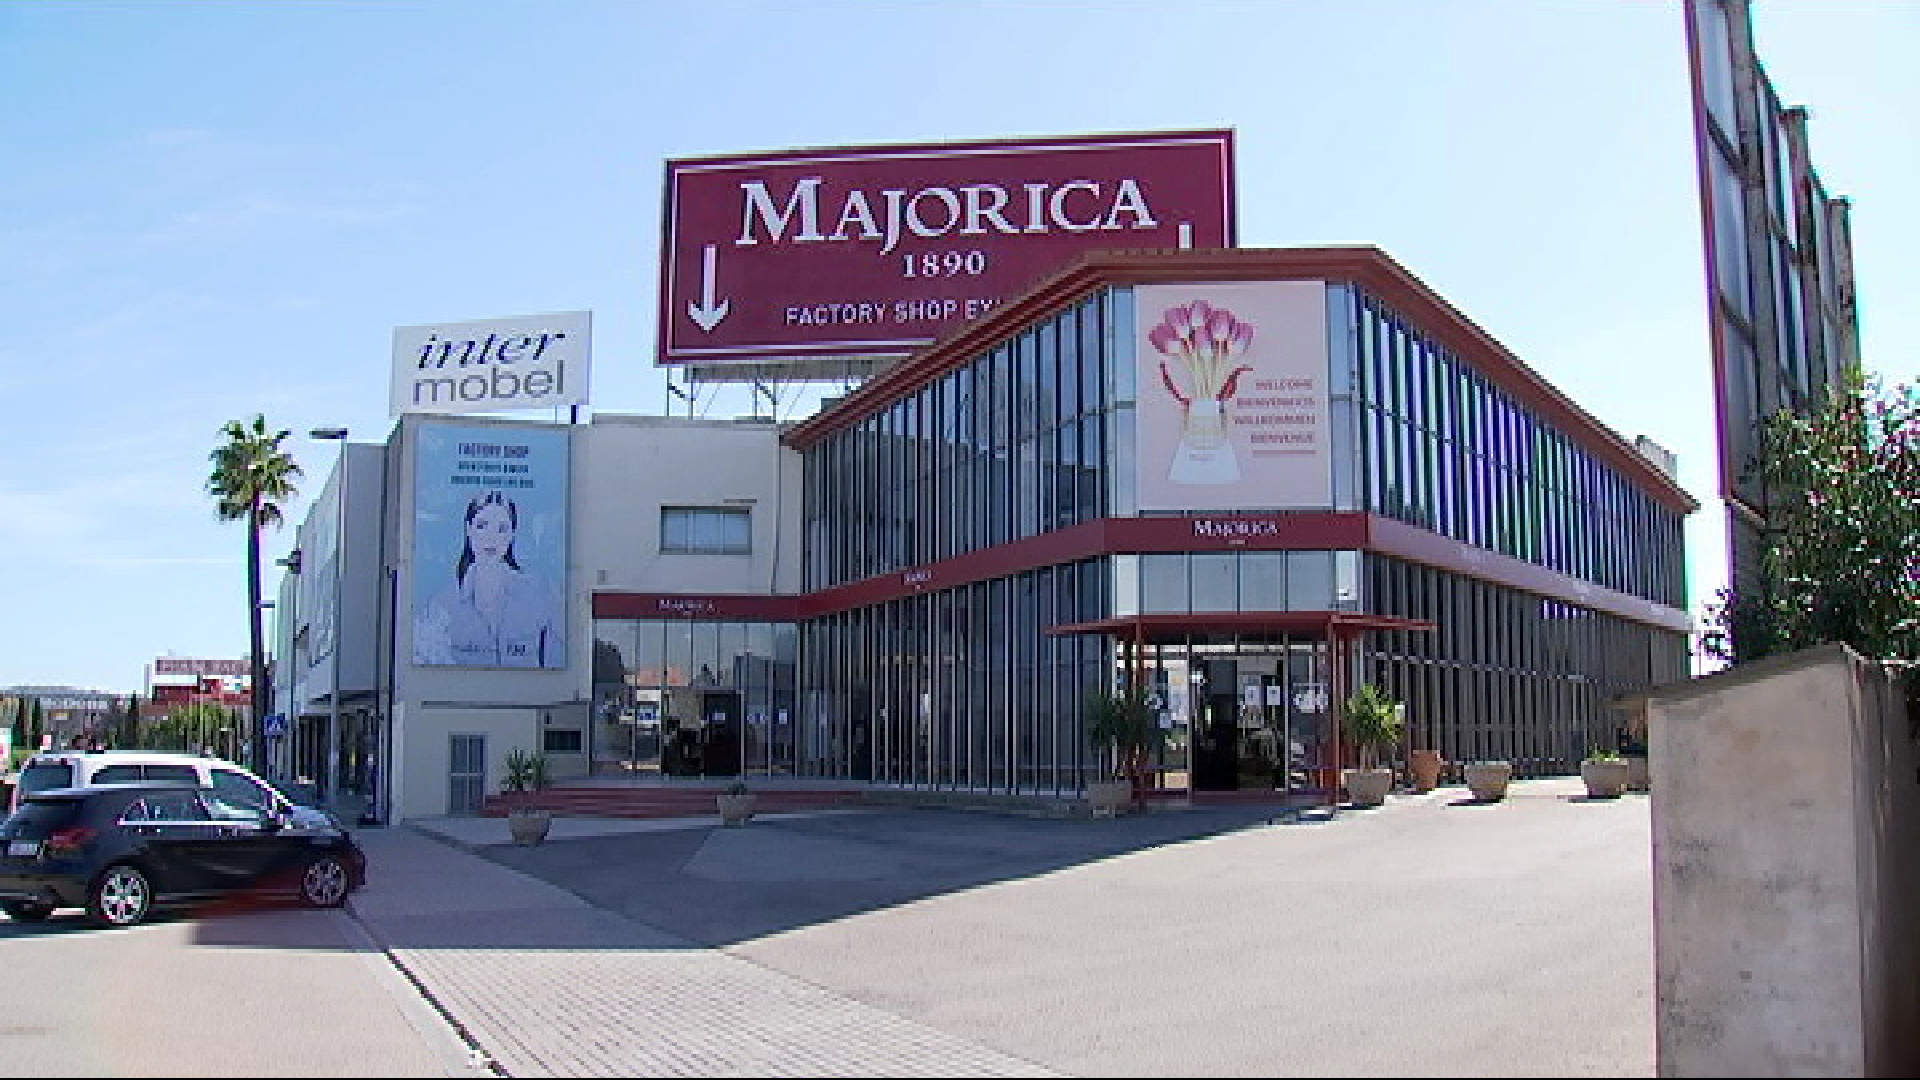 Els+restauradors+del+port+de+Ciutadella+avisen+que+renovar+els+seus+tendals+els+costar%C3%A0+m%C3%A9s+de+30.000+euros